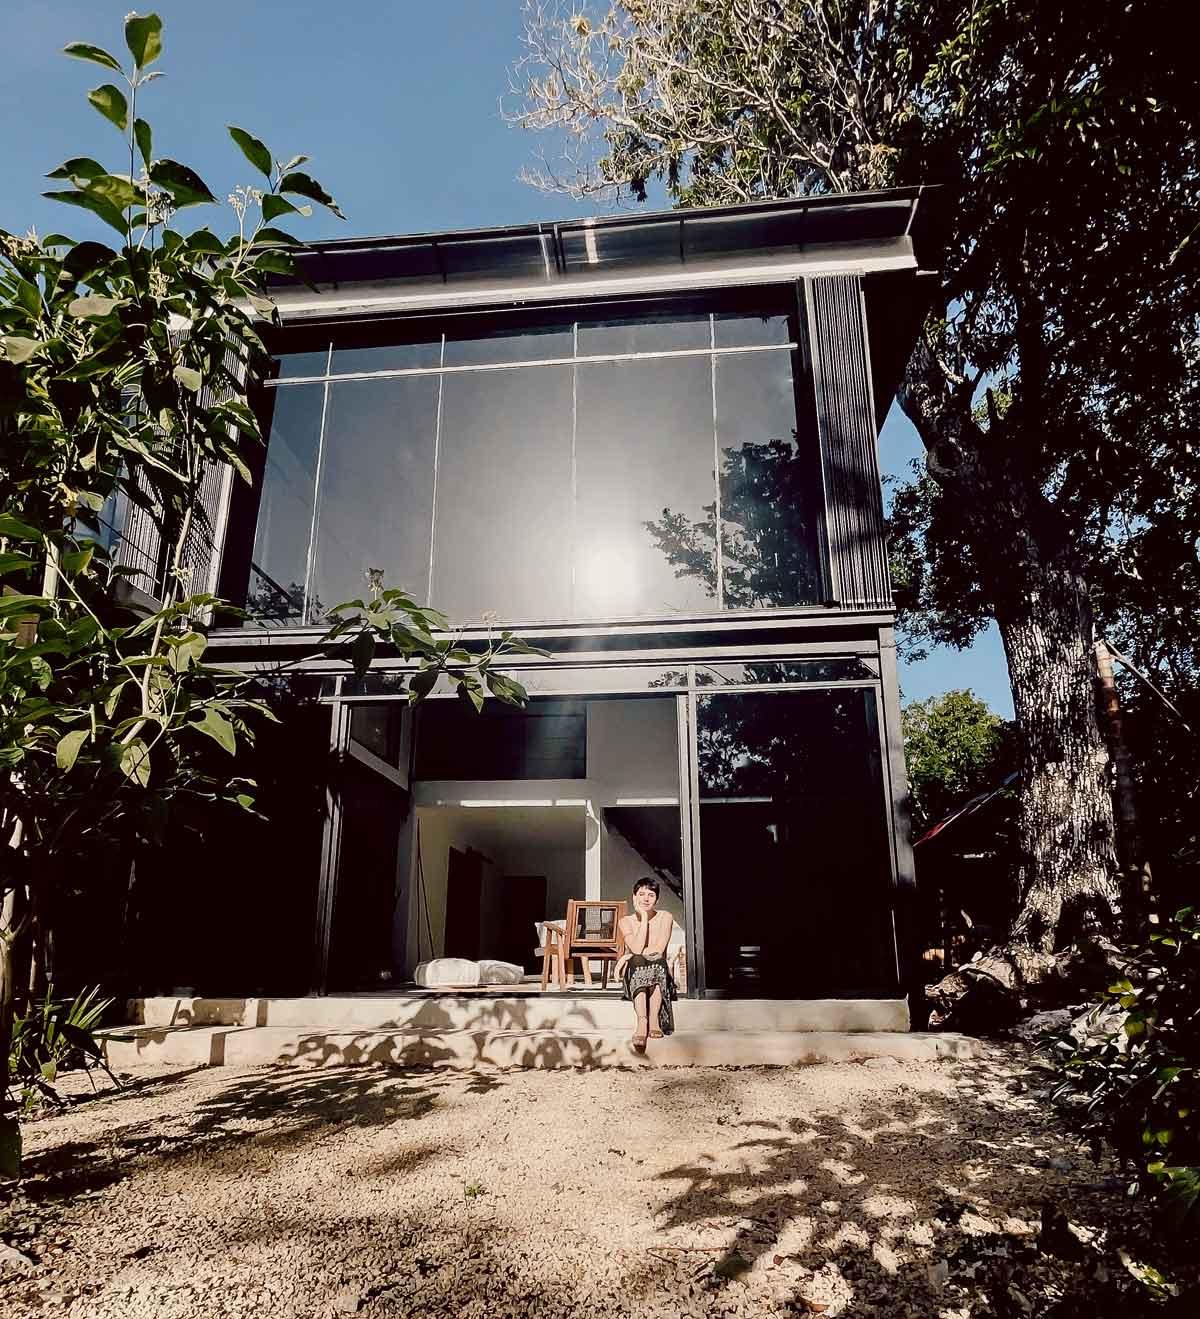 Marisol Prada vor ihrem Haus in Mexico